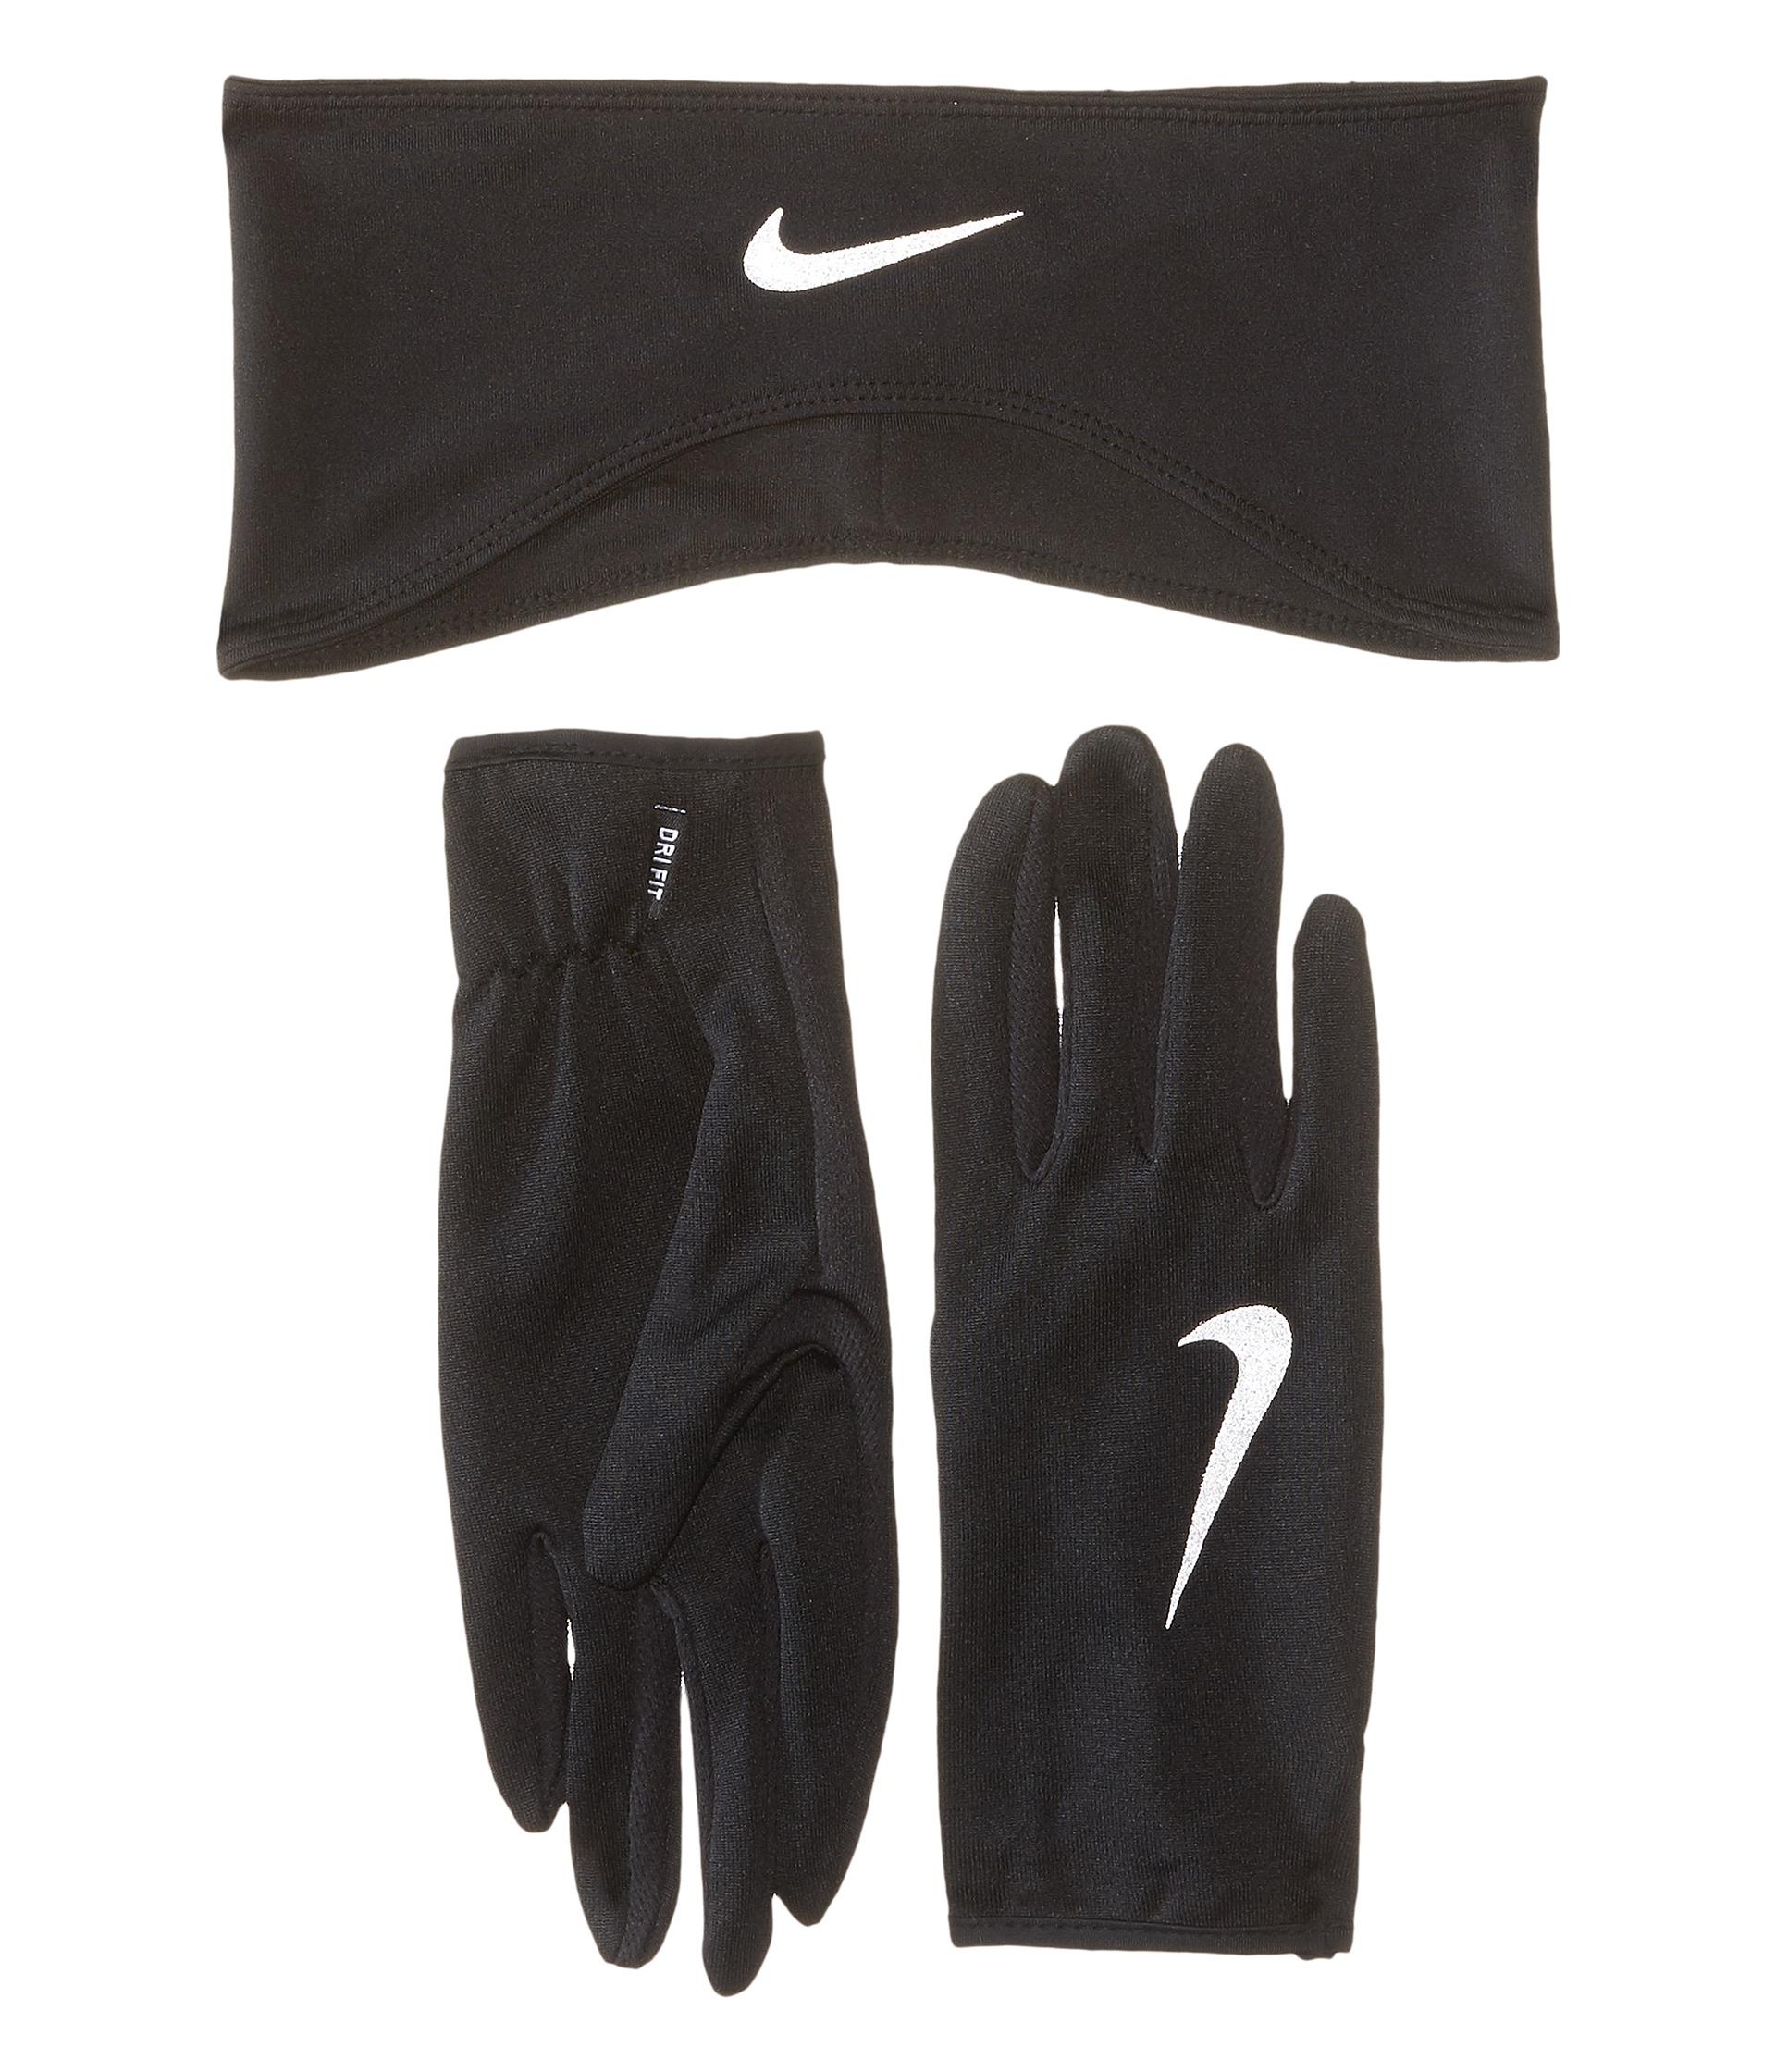 Nike Dri-fit Running Headband/glove Set in Metallic | Lyst